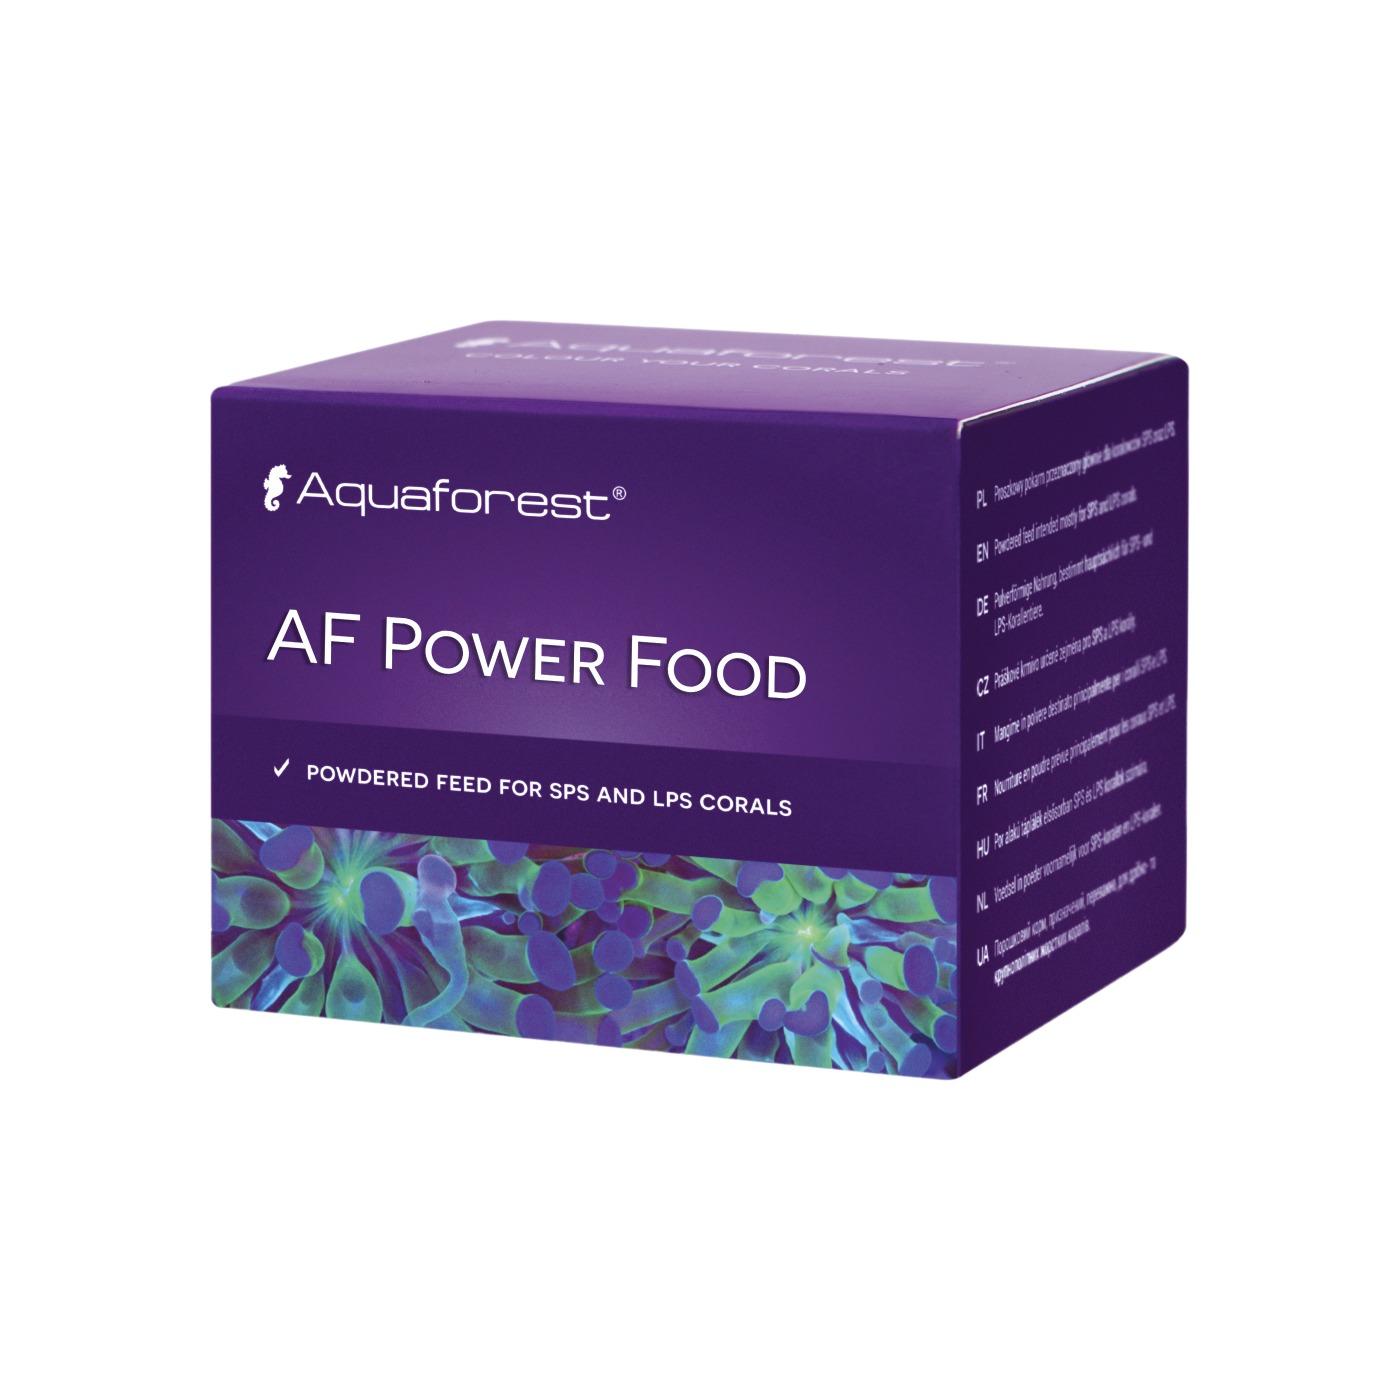 AQUAFOREST AF Power Food 20 gr nourriture en poudre destinée aux coraux durs SPS et LPS